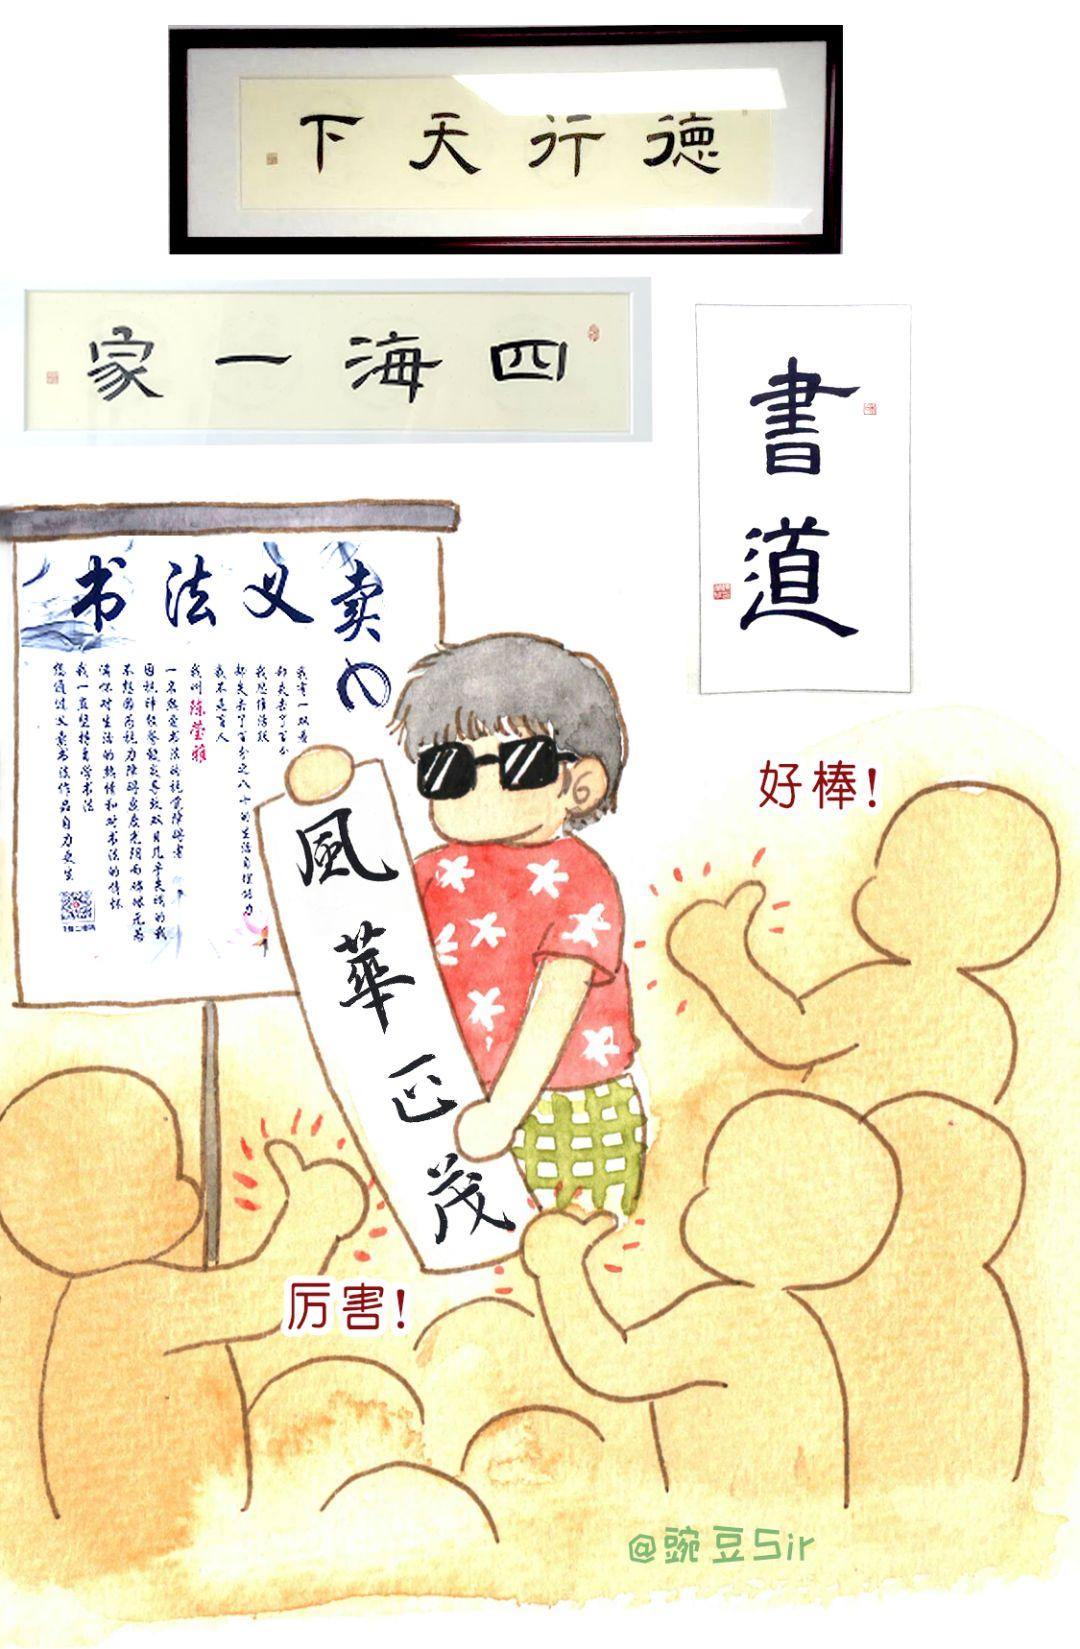 少年失明,她用书法疗愈自己 | 生而不凡·公益